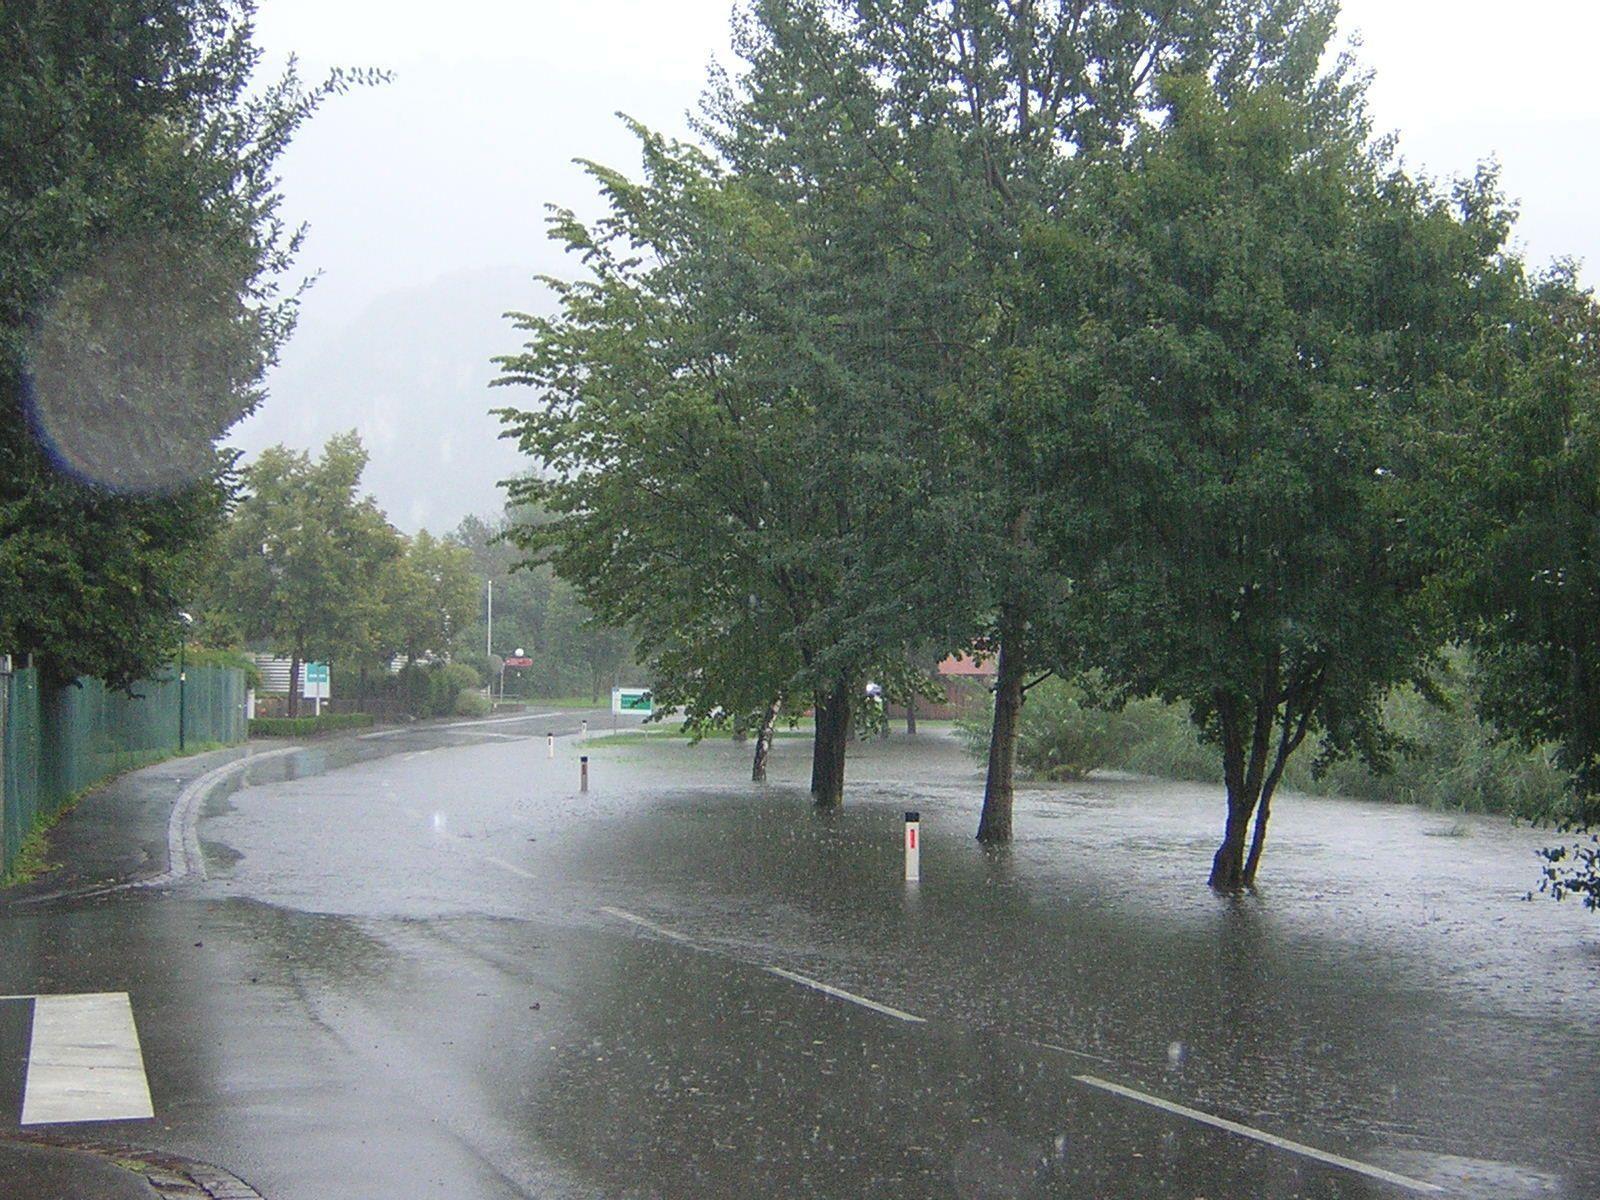 Beim Güllbach und Gostgraben kommt es bei stärkeren Regengüssen immer wieder zu massiven Problemen.